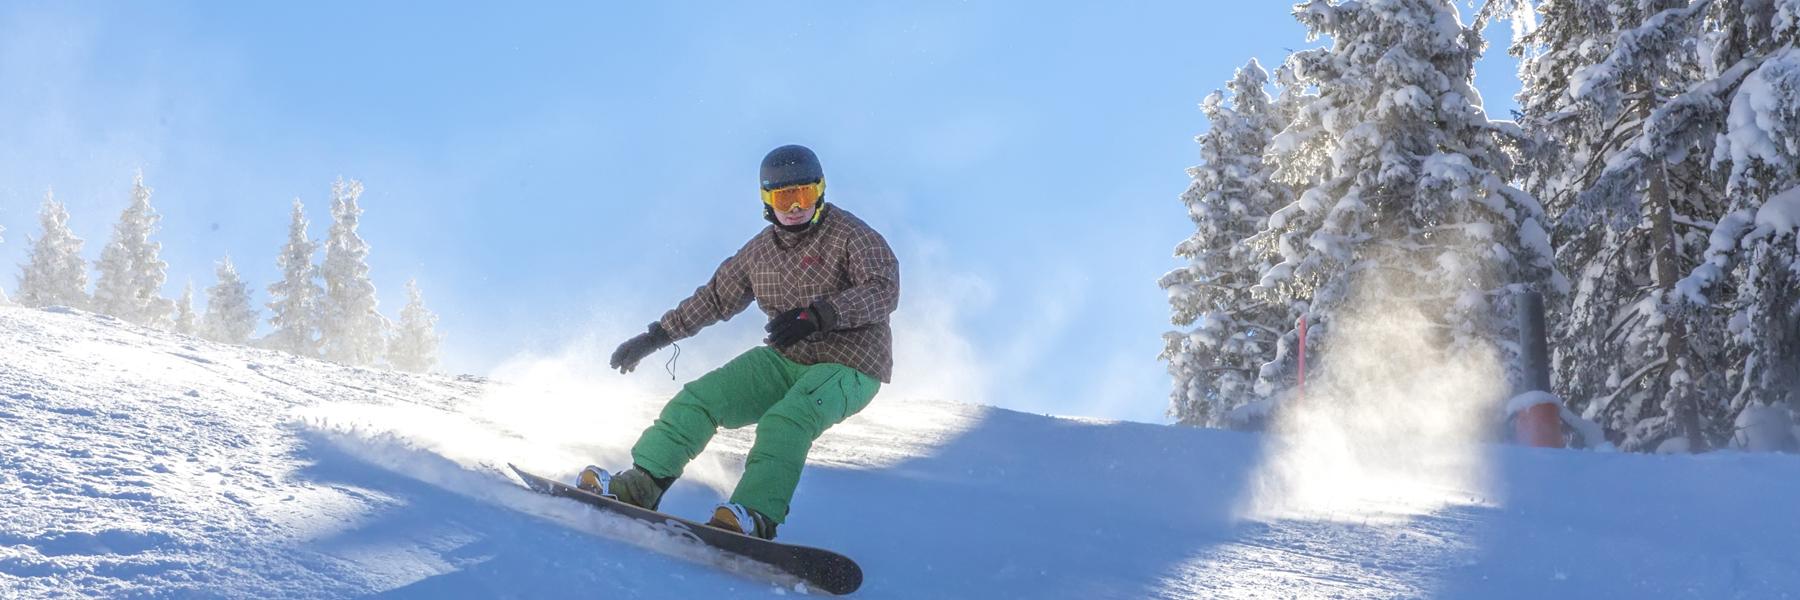 Snowboarden auf der Steinplatte